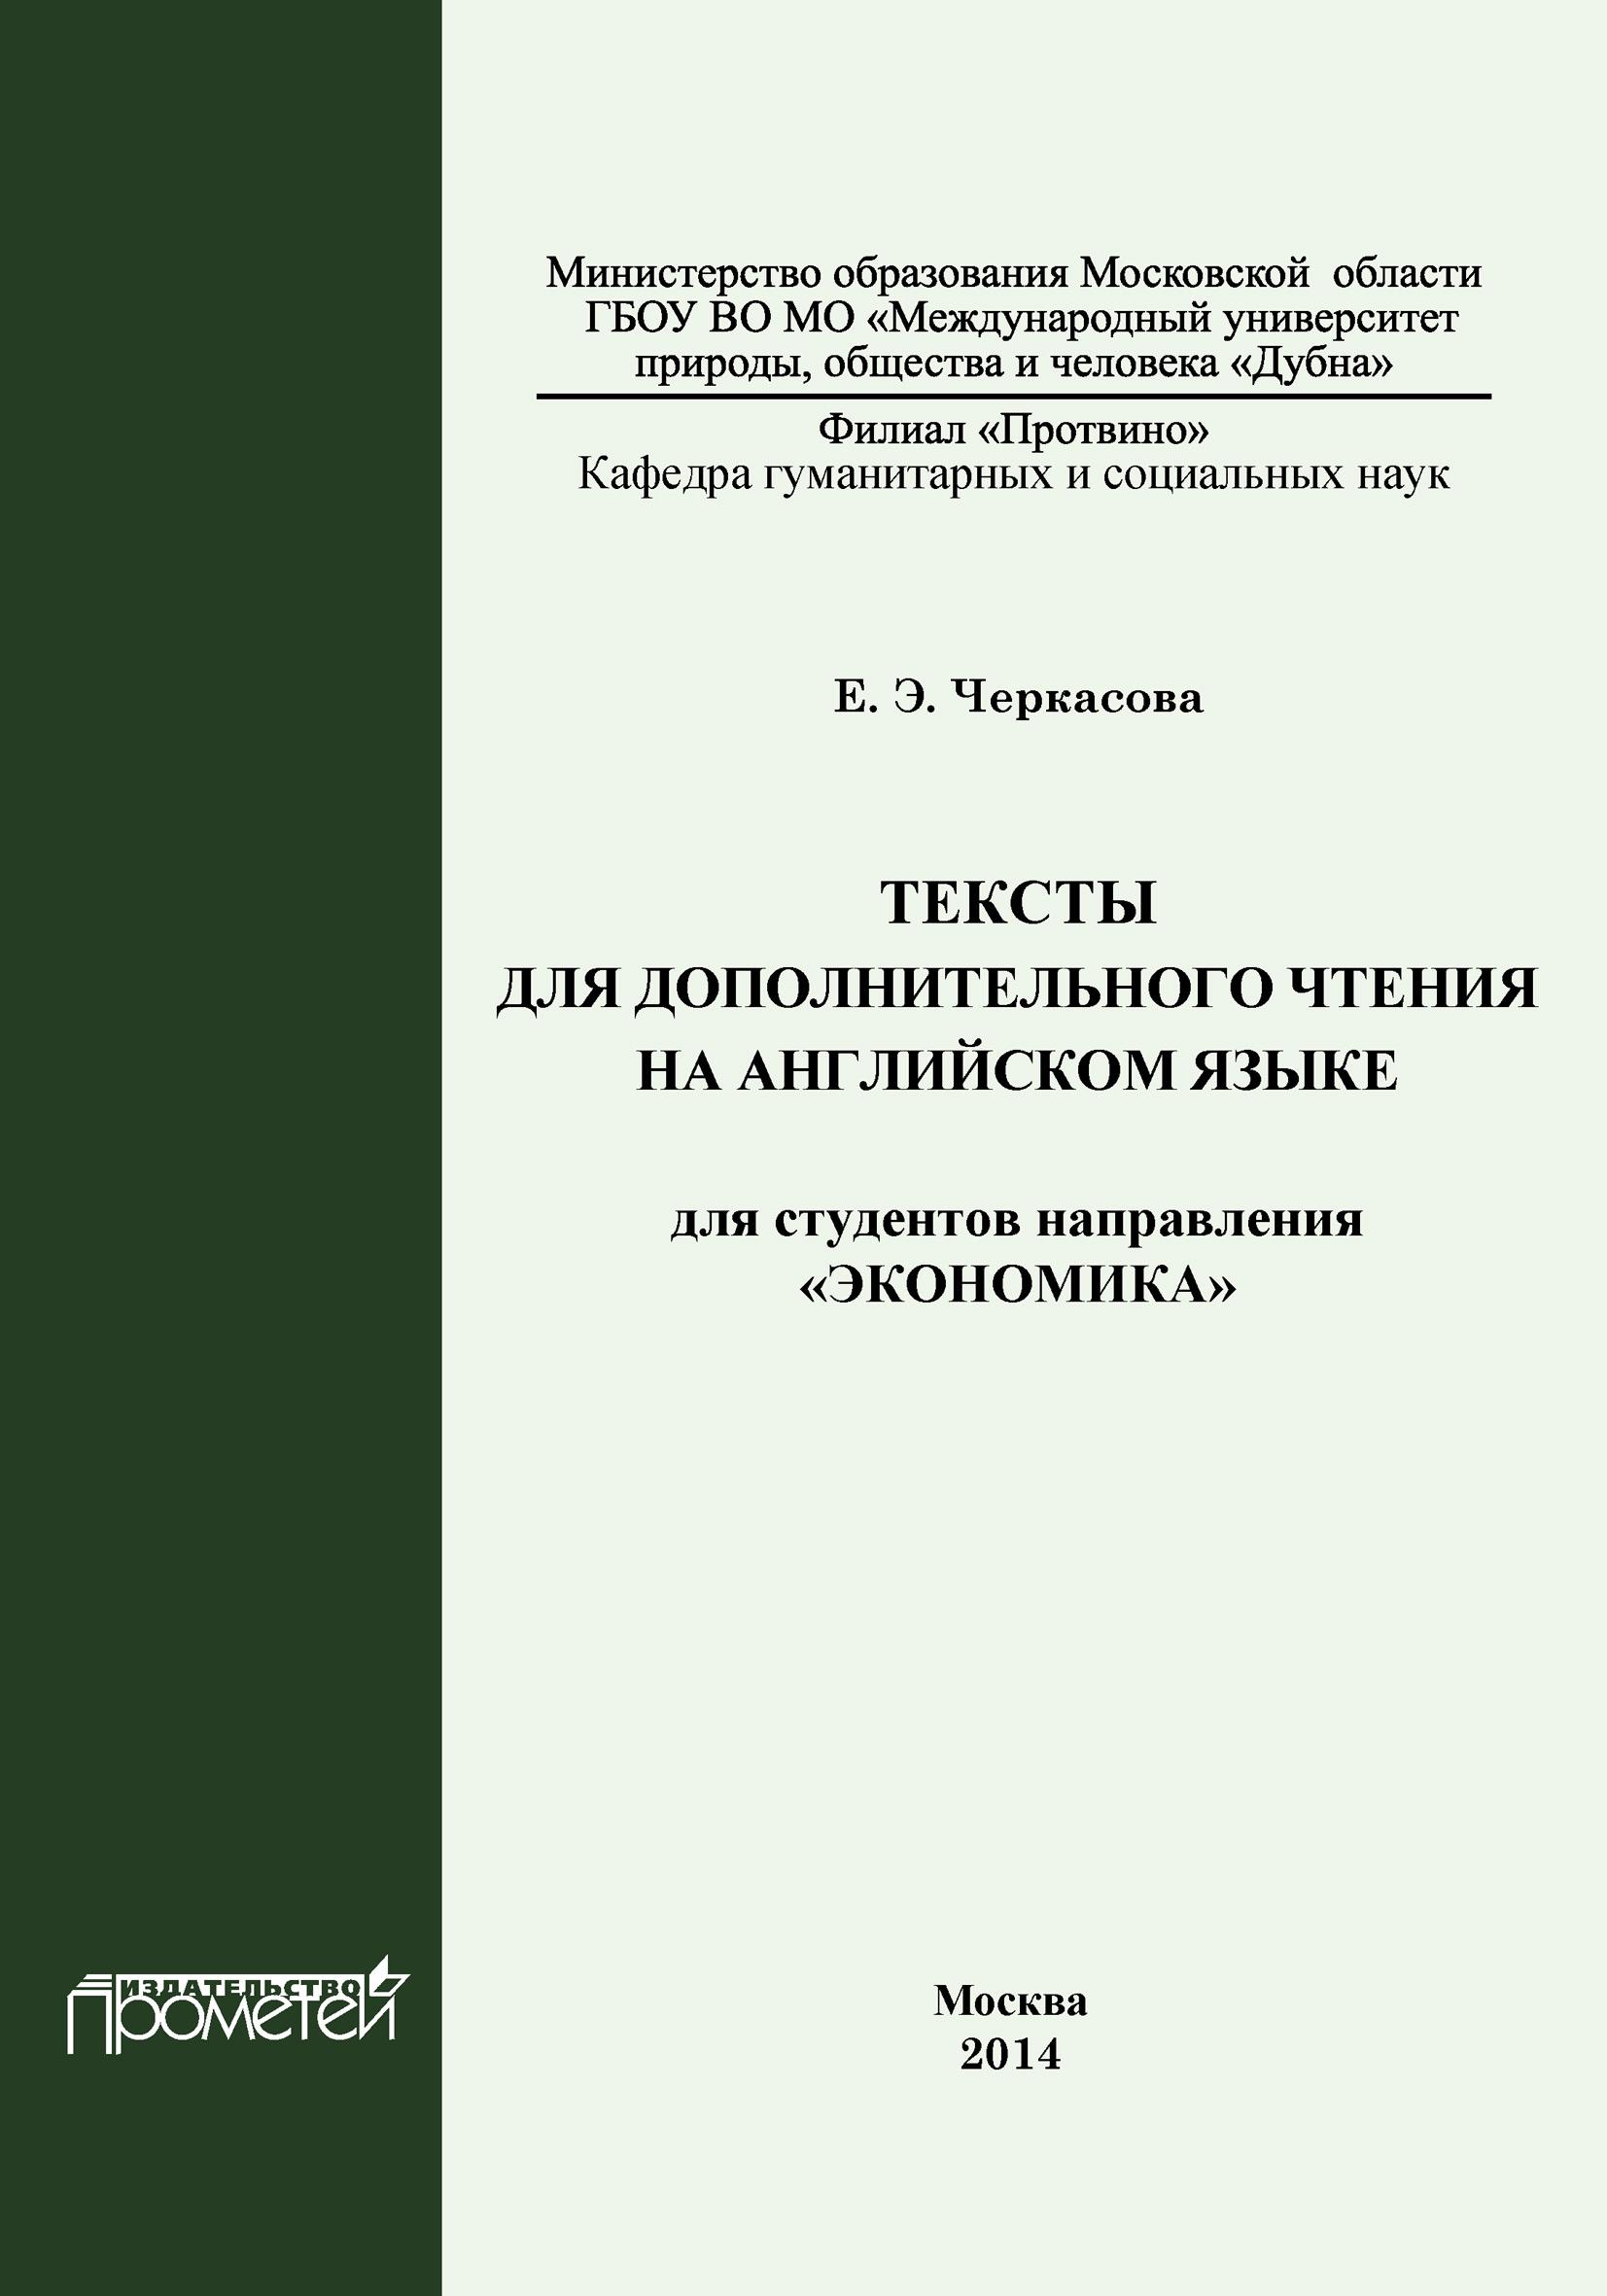 Елена Черкасова Тексты для дополнительного чтения на английском языке для студентов направления «Экономика» цена